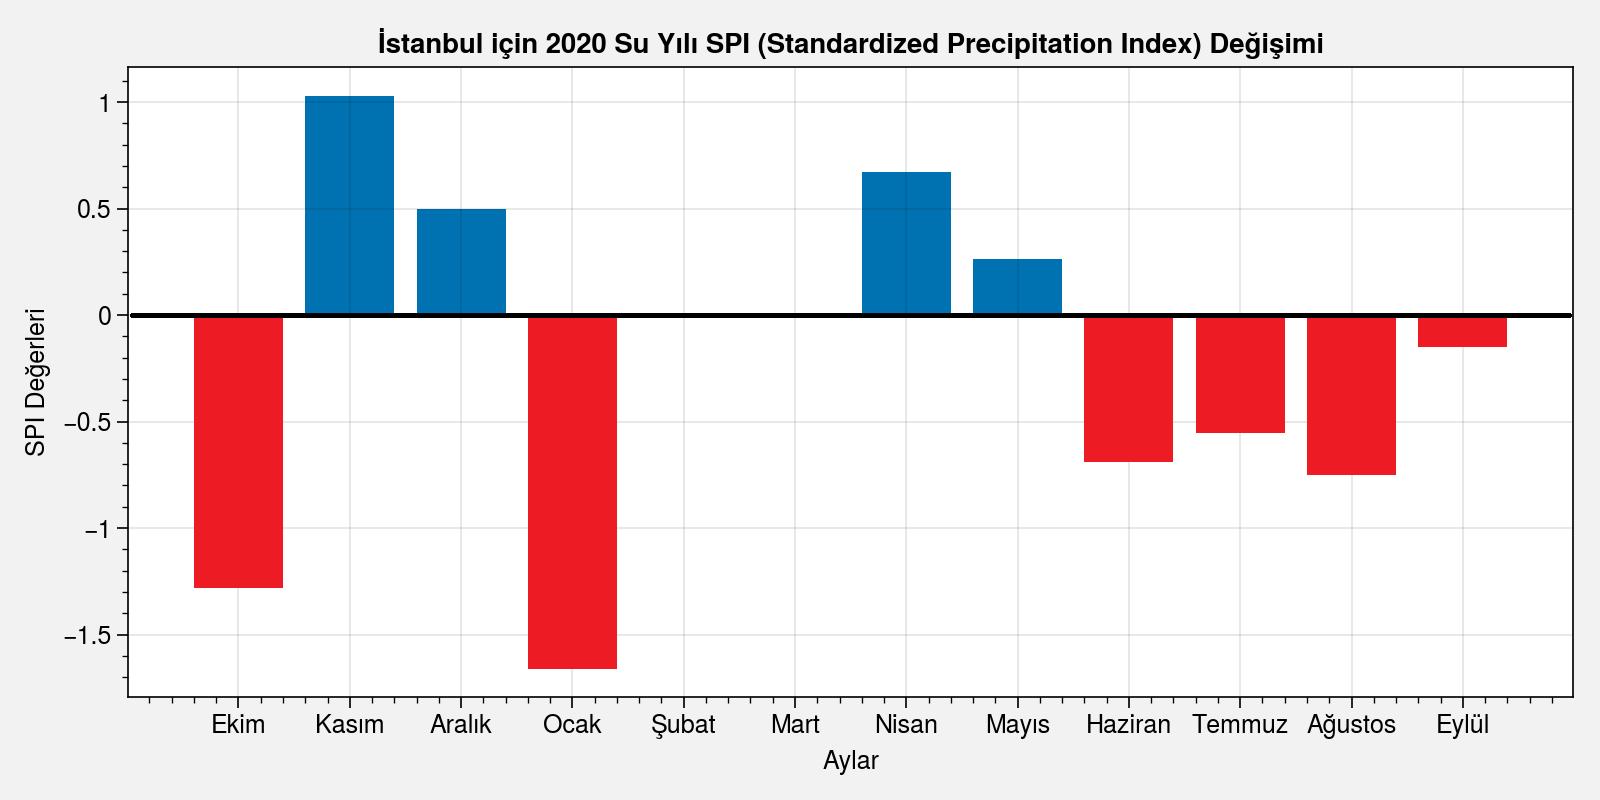 Türkiye Su Yılı ve Kuraklık Analizi